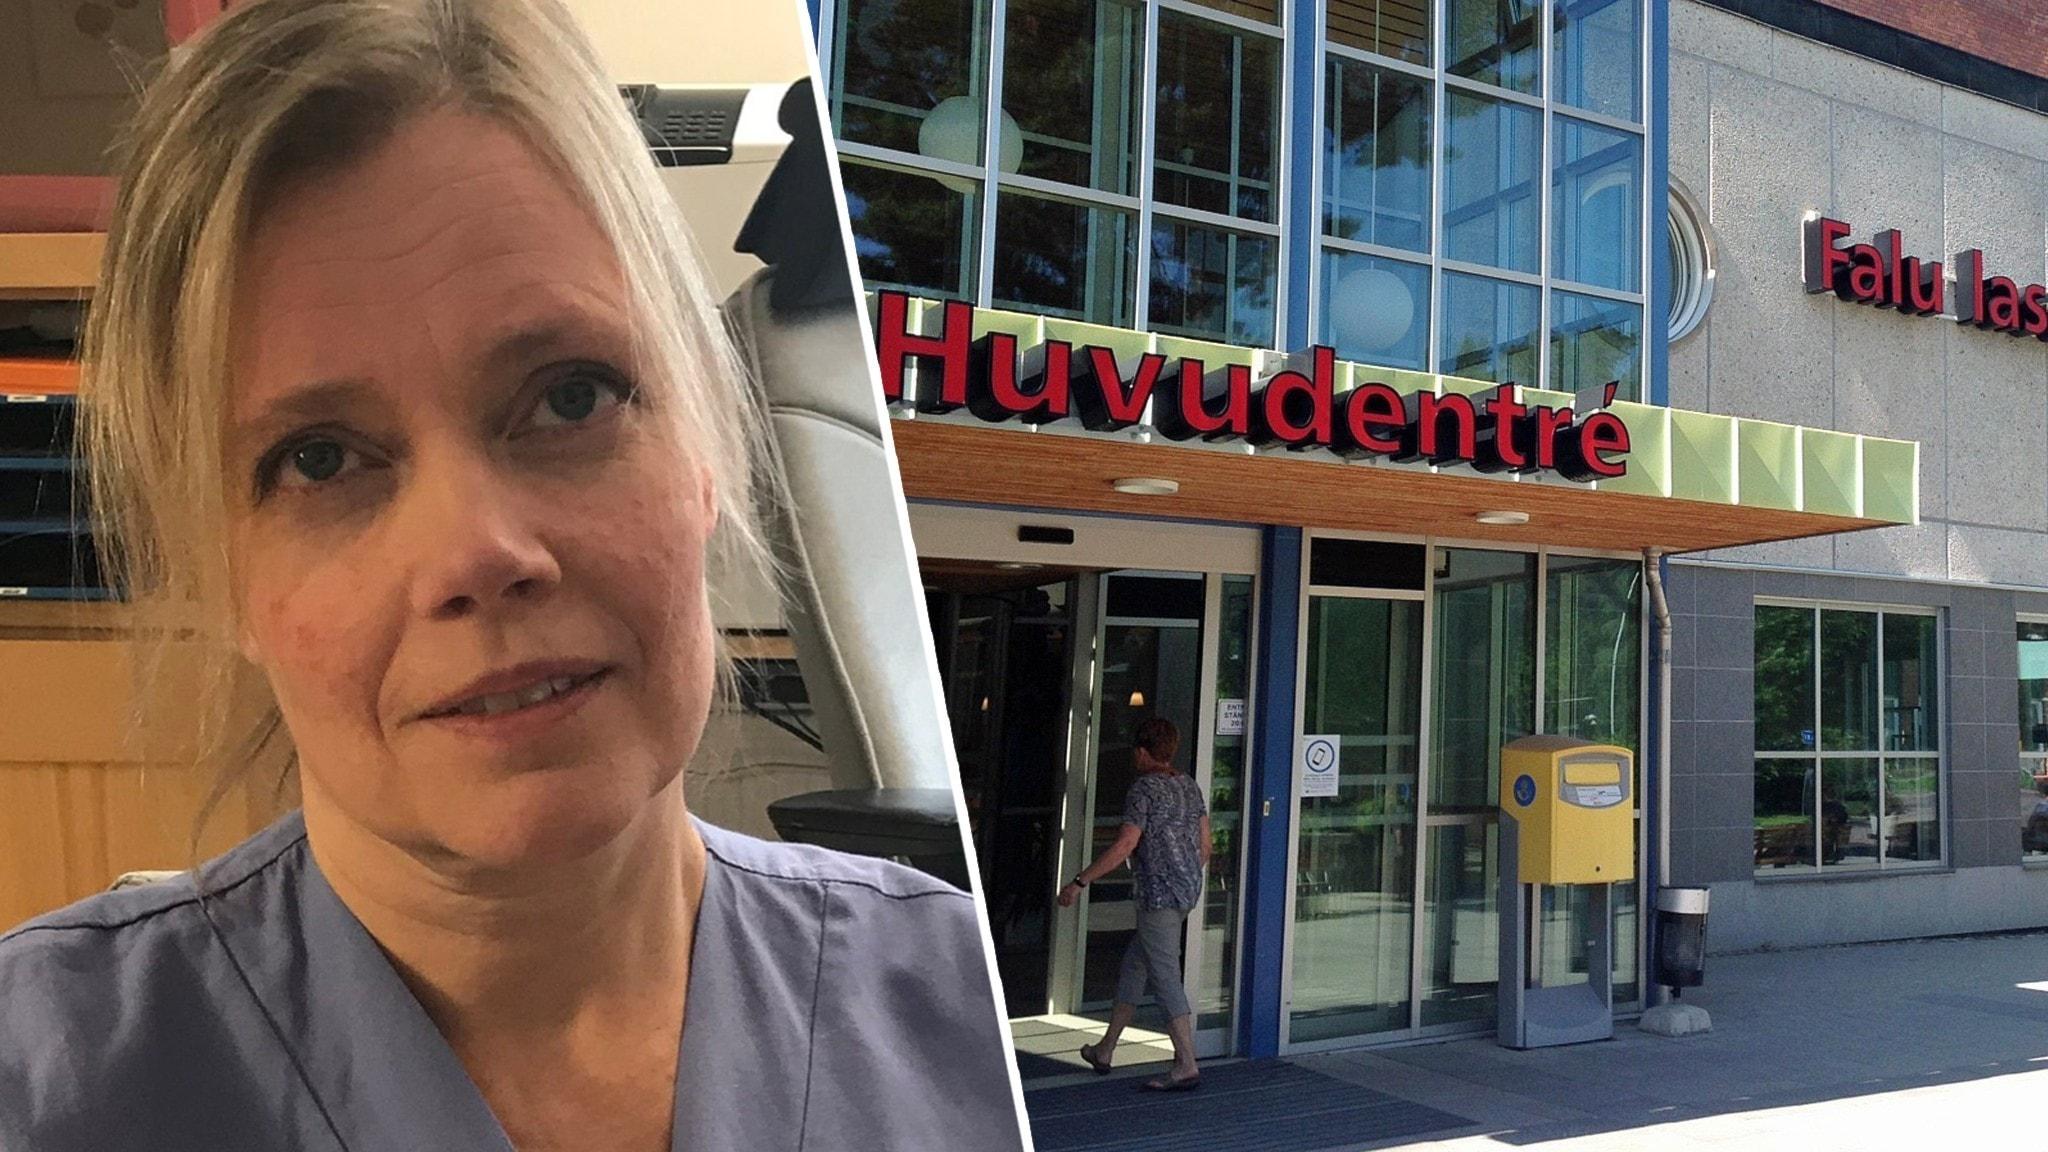 Coronautbrott på hjärtkliniken i Falun – 22 smittade - P4 Dalarna